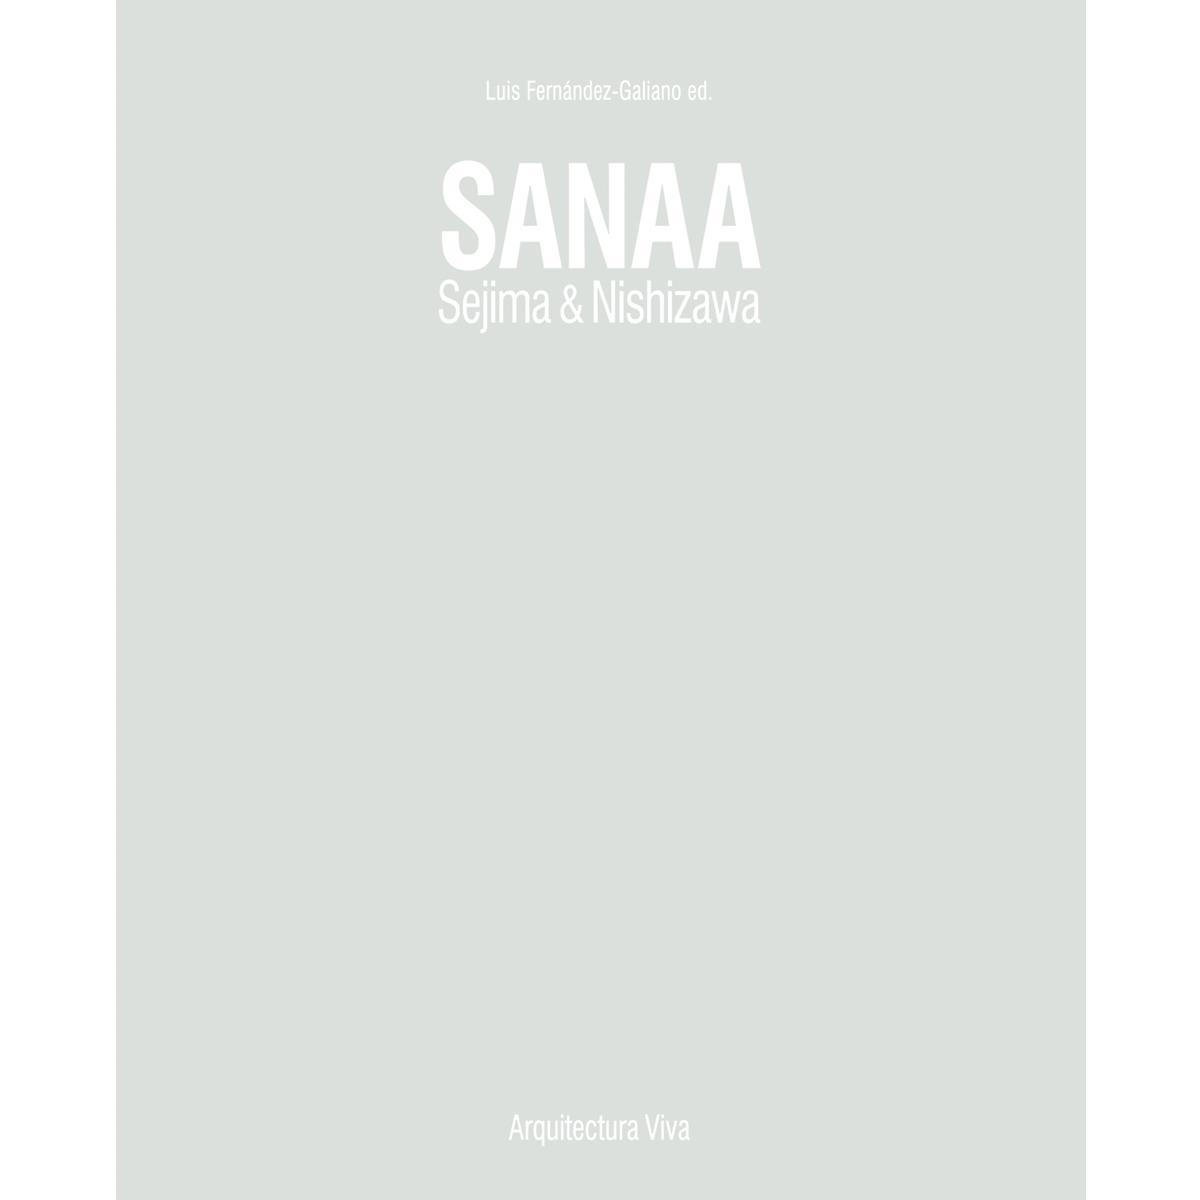 SANAA, Sejima & Nishizawa